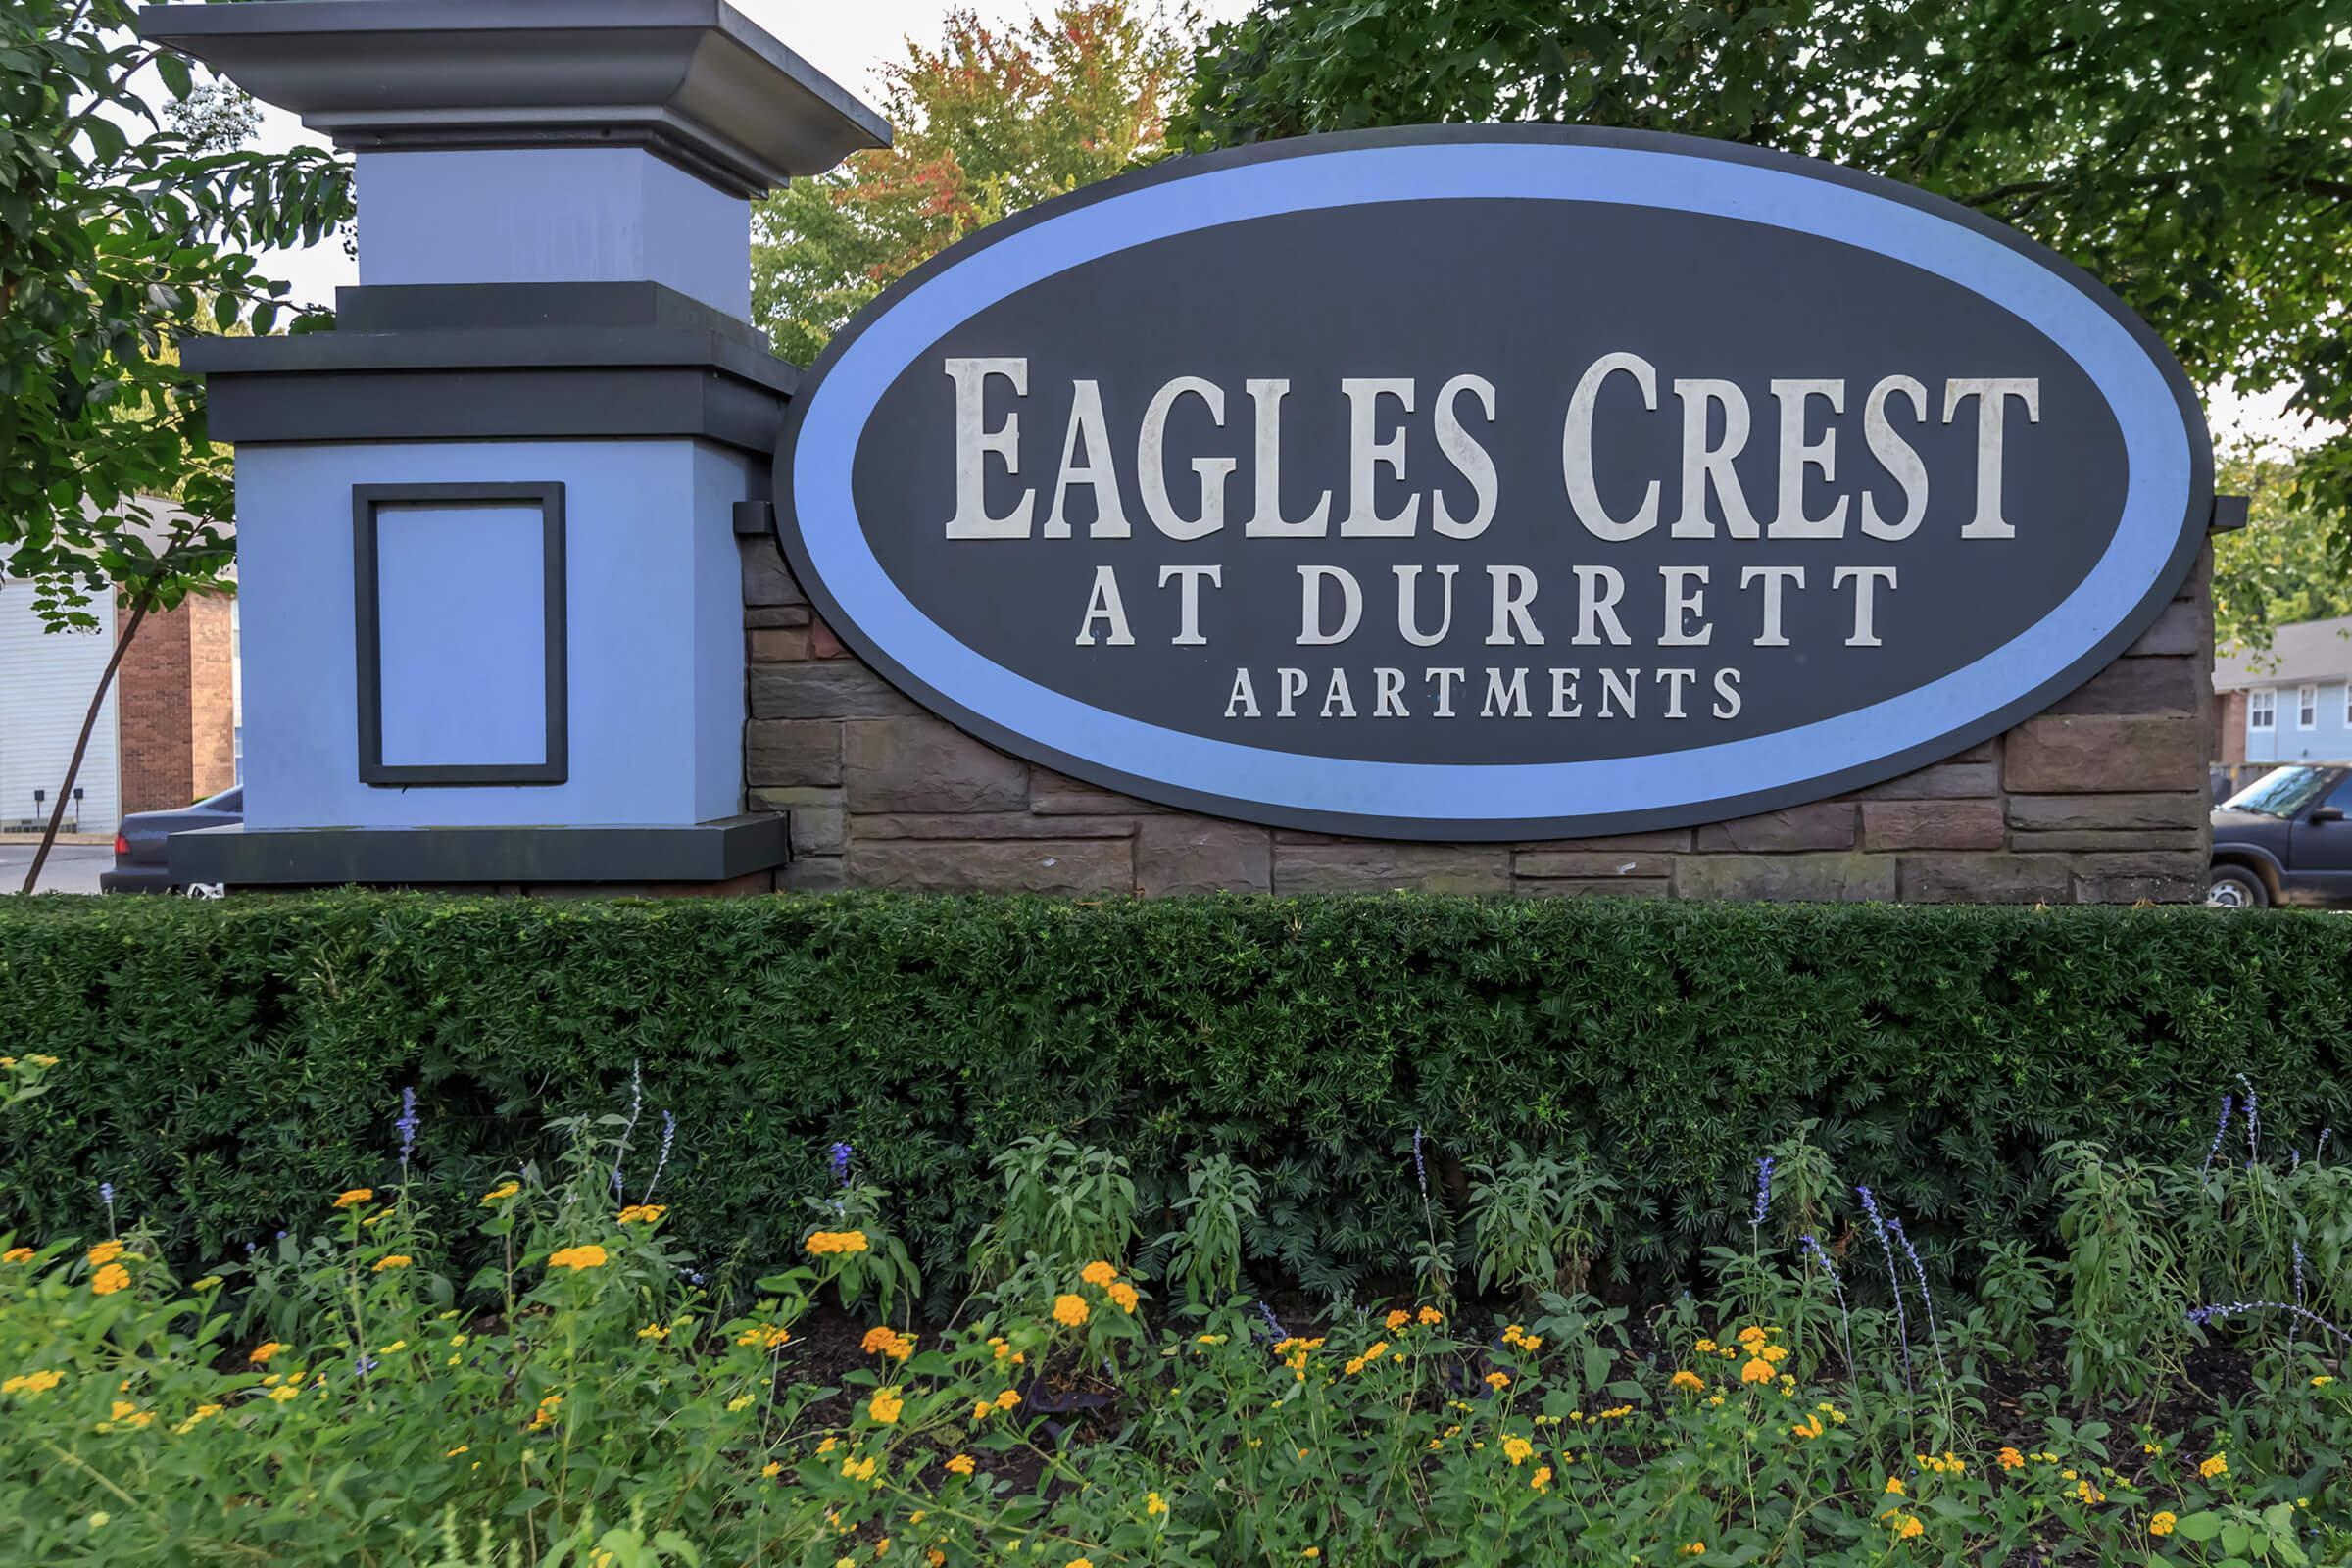 Eagles Crest at Durrett in Clarksville TN